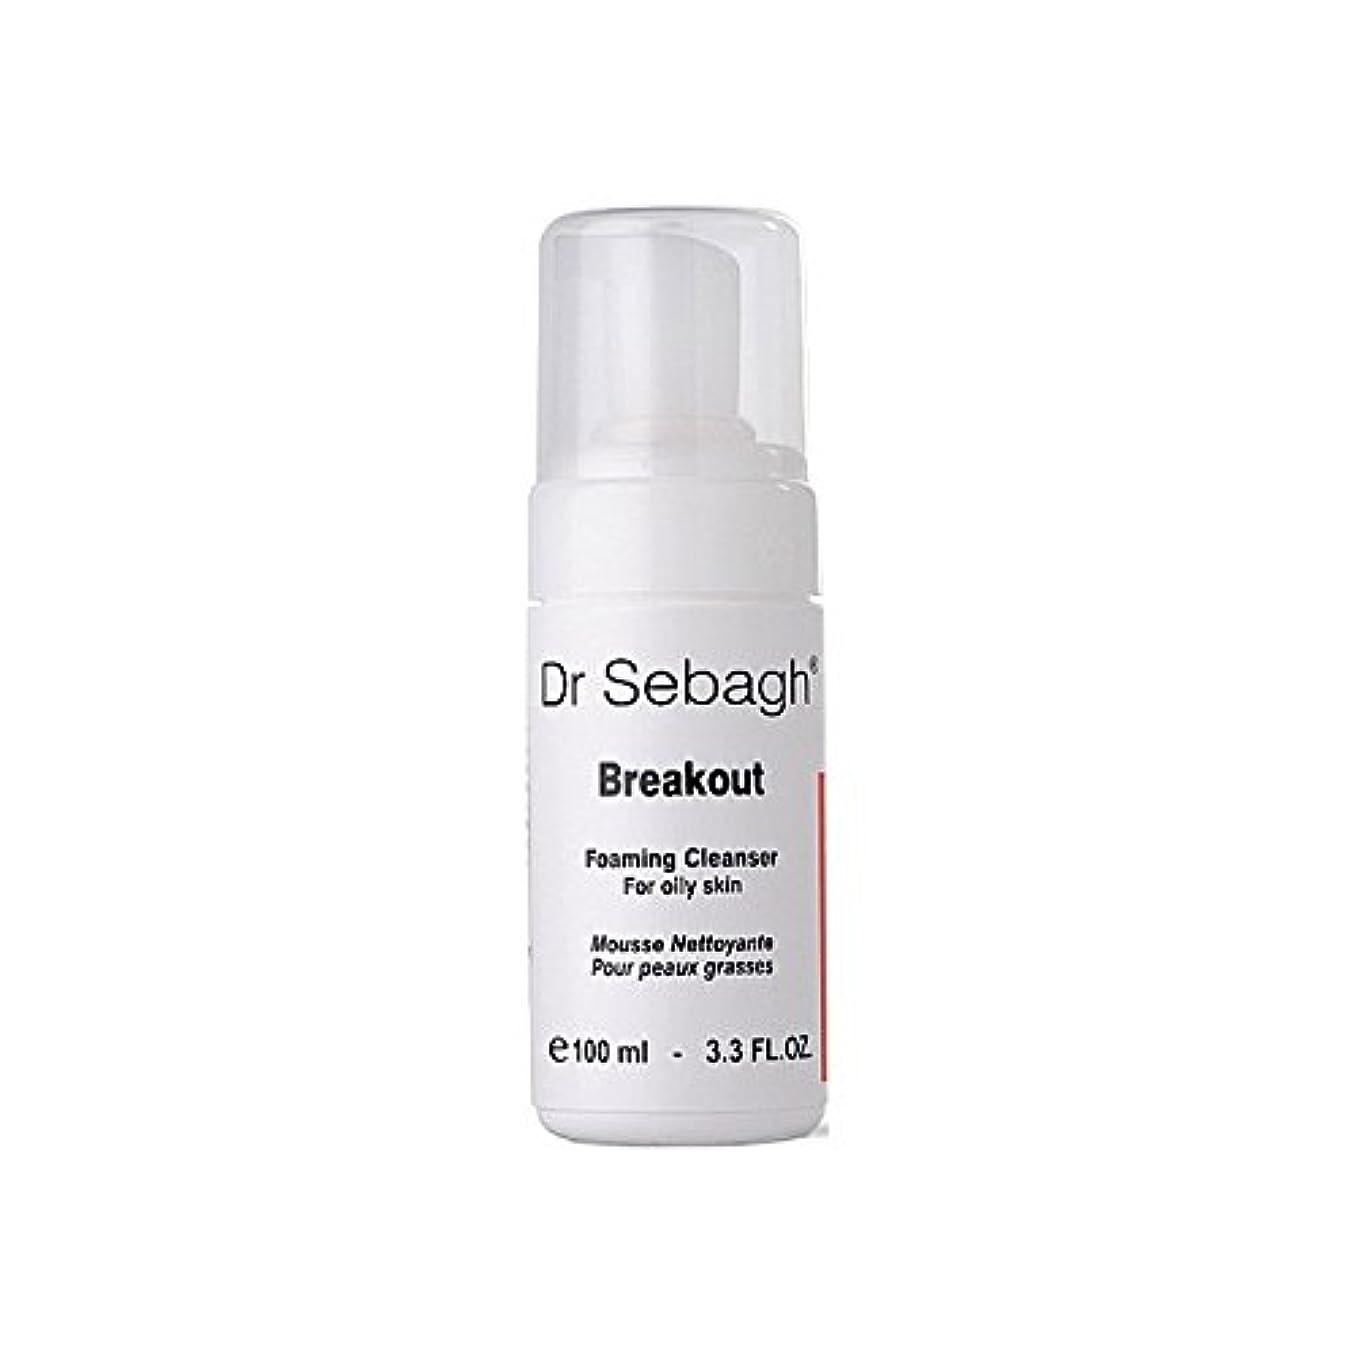 申し込むゆりかご資金Dr Sebagh Breakout Foaming Cleanser - クレンザーを発泡の のブレイクアウト [並行輸入品]